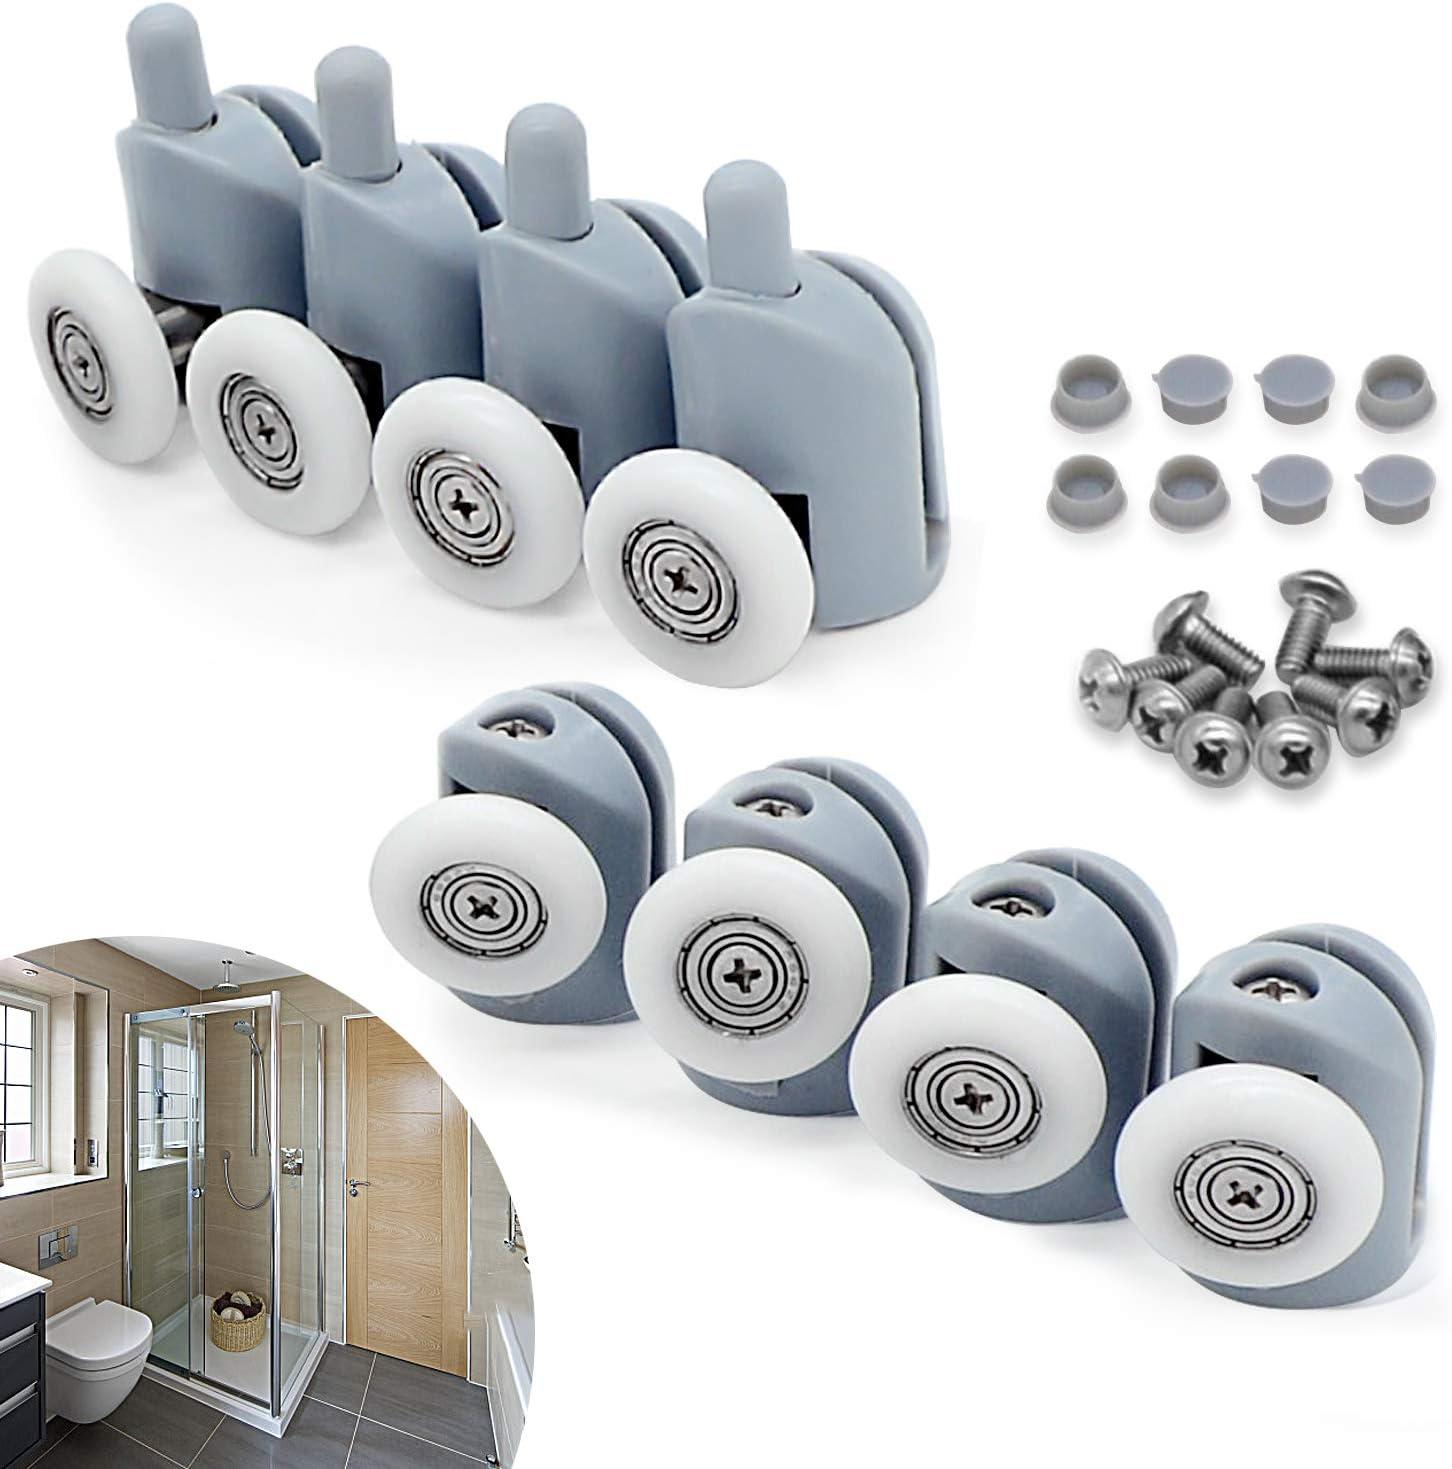 cococity Polea para mampara de ducha, 4 piezas superiores y 4 piezas inferiores, para puerta corredera de cristal baño(23 mm de diámetro)